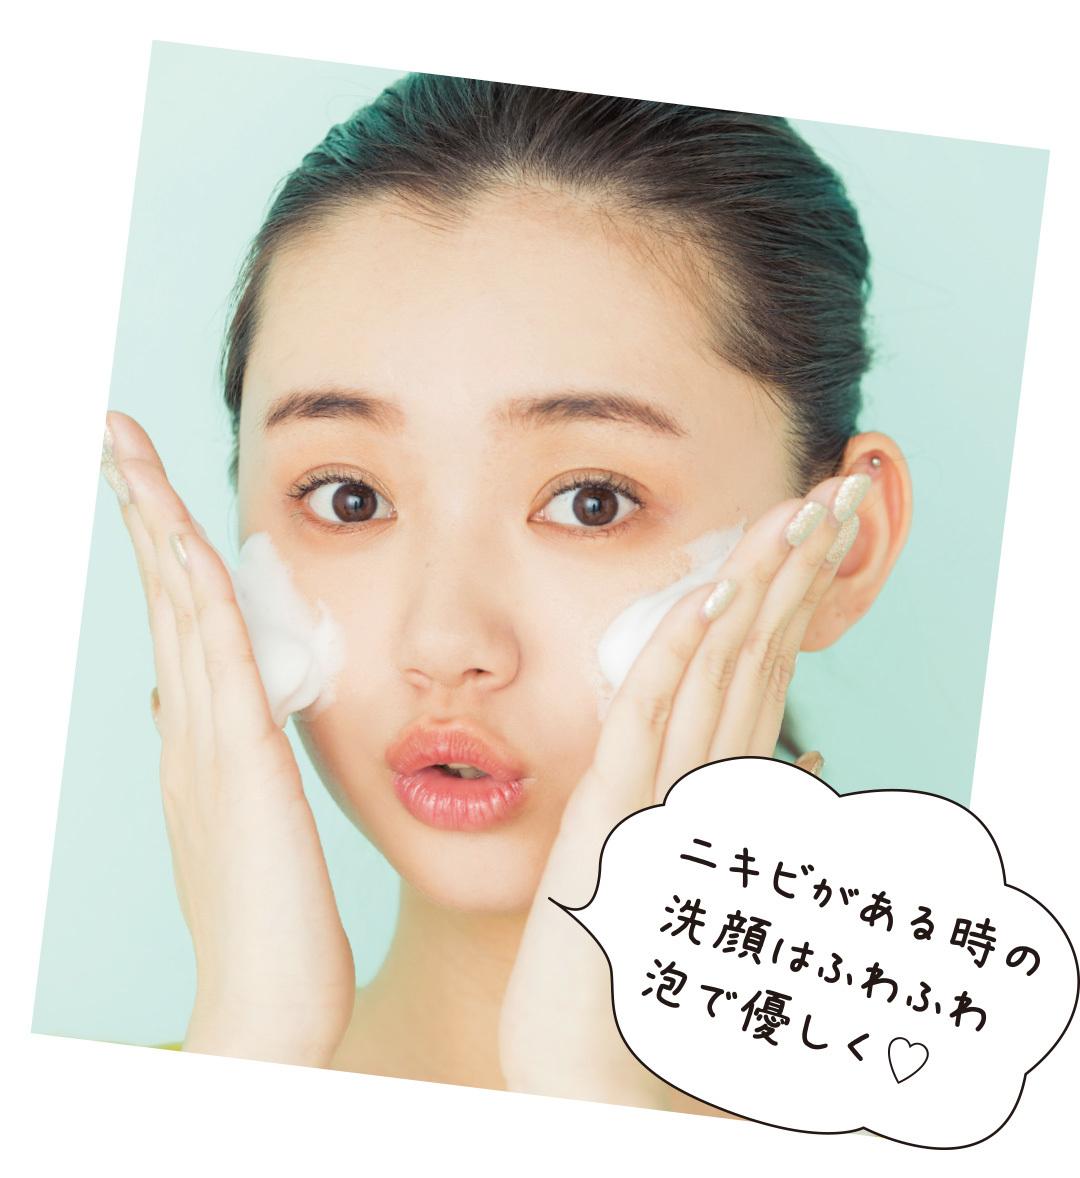 ニキビが治らない…洗顔&生活習慣の正解を教えて!【ニキビQ&A】_1_3